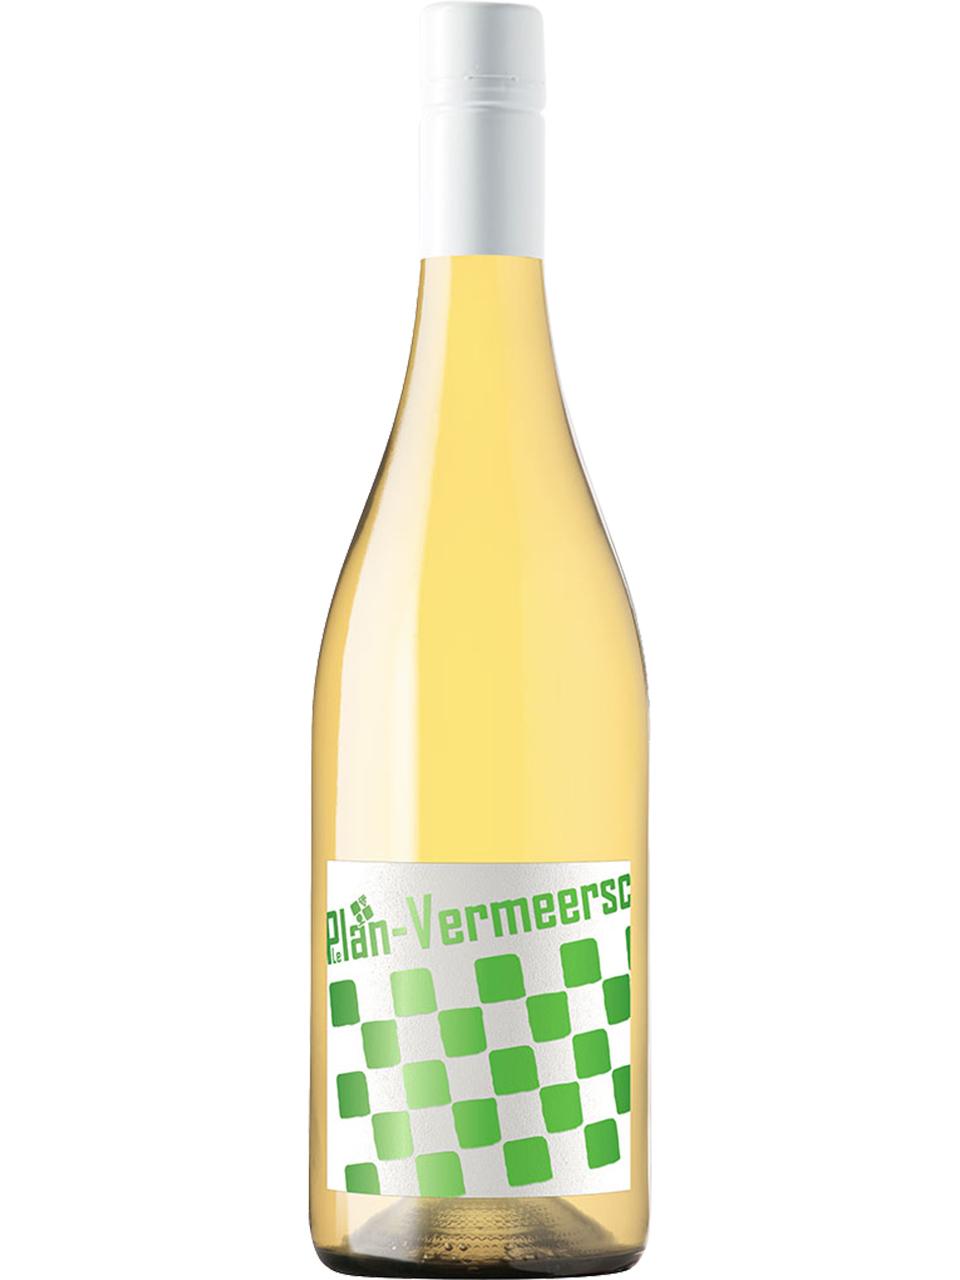 LePlan-Vermeersch SL Blanc